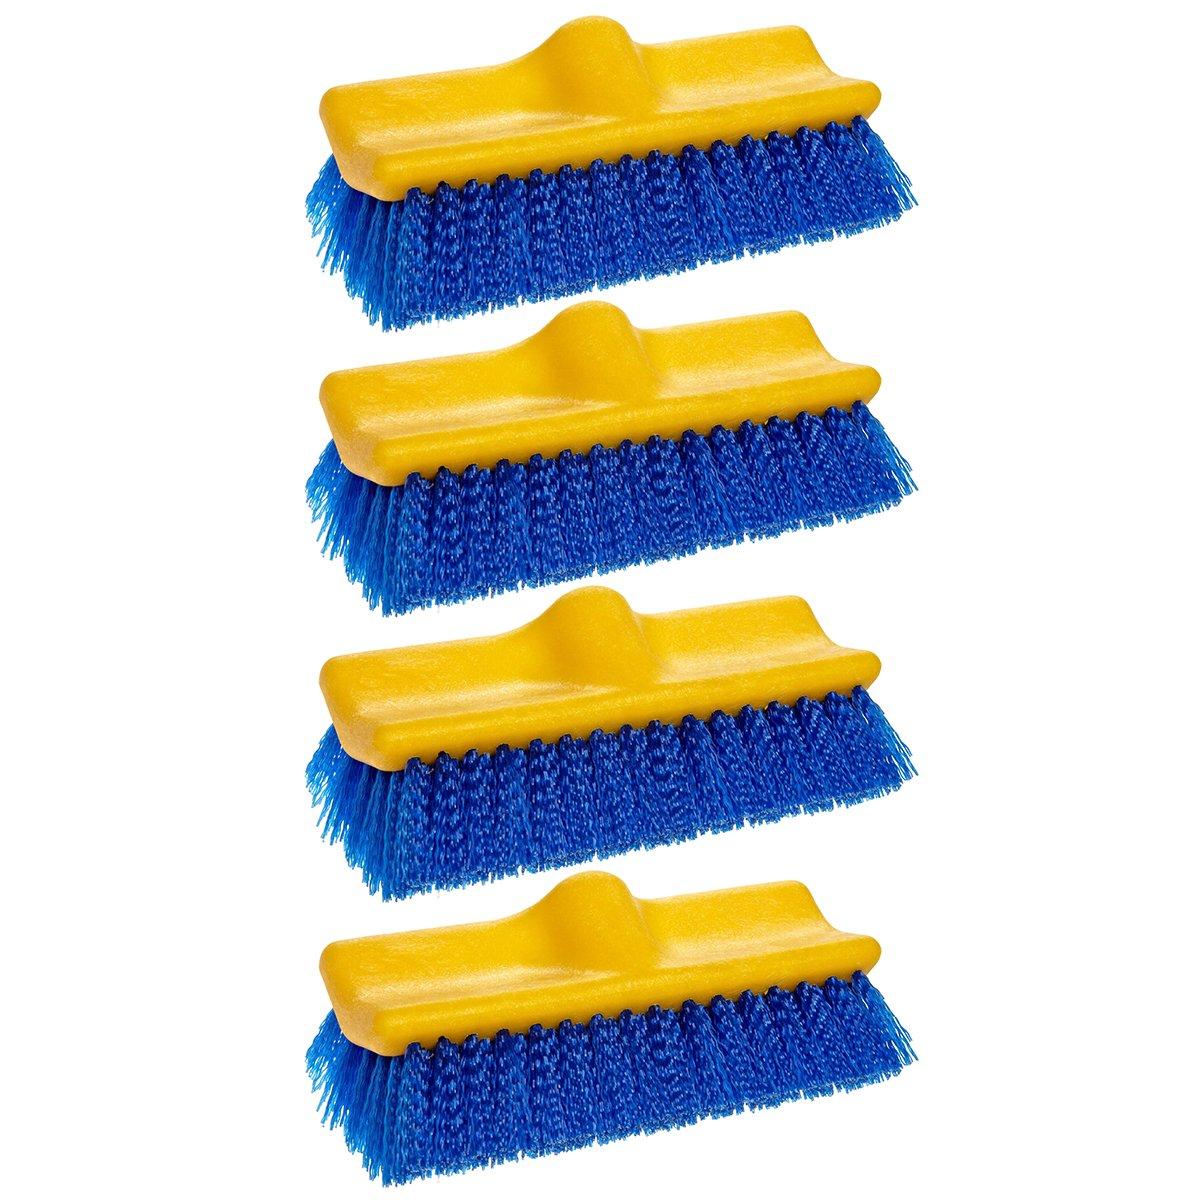 Rubbermaid Commercial Floor Scrub Brush, 10'', Blue, FG633700BLUE (4 Brushes)